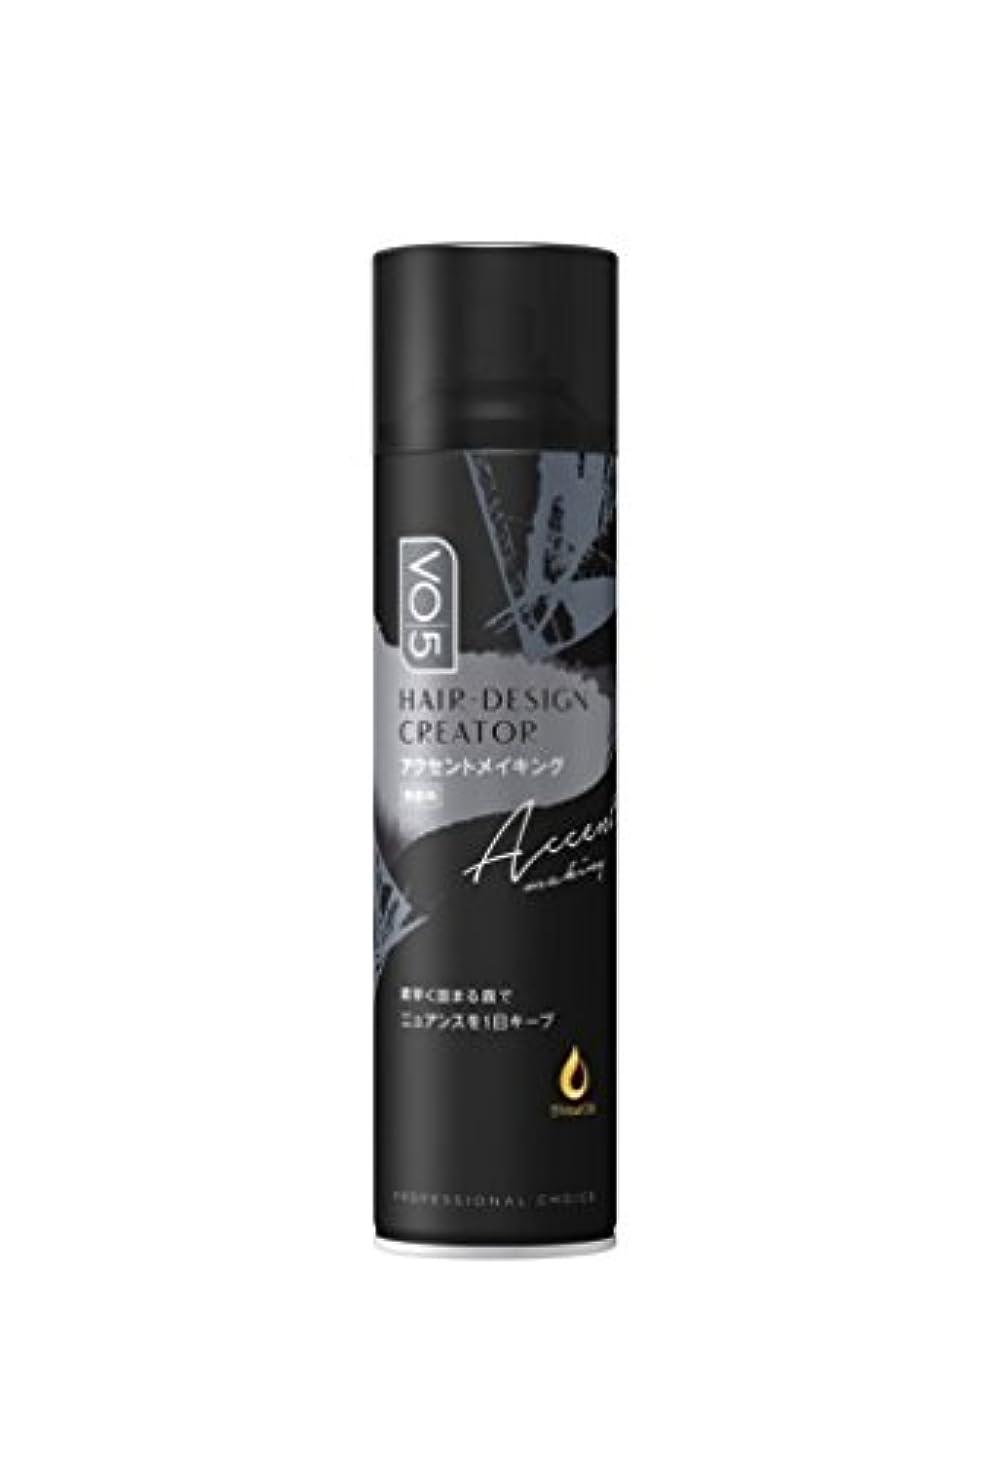 ゴージャスロケーションファブリックVO5ヘアデザインクリエイター[アクセントメイキング]無香料160g